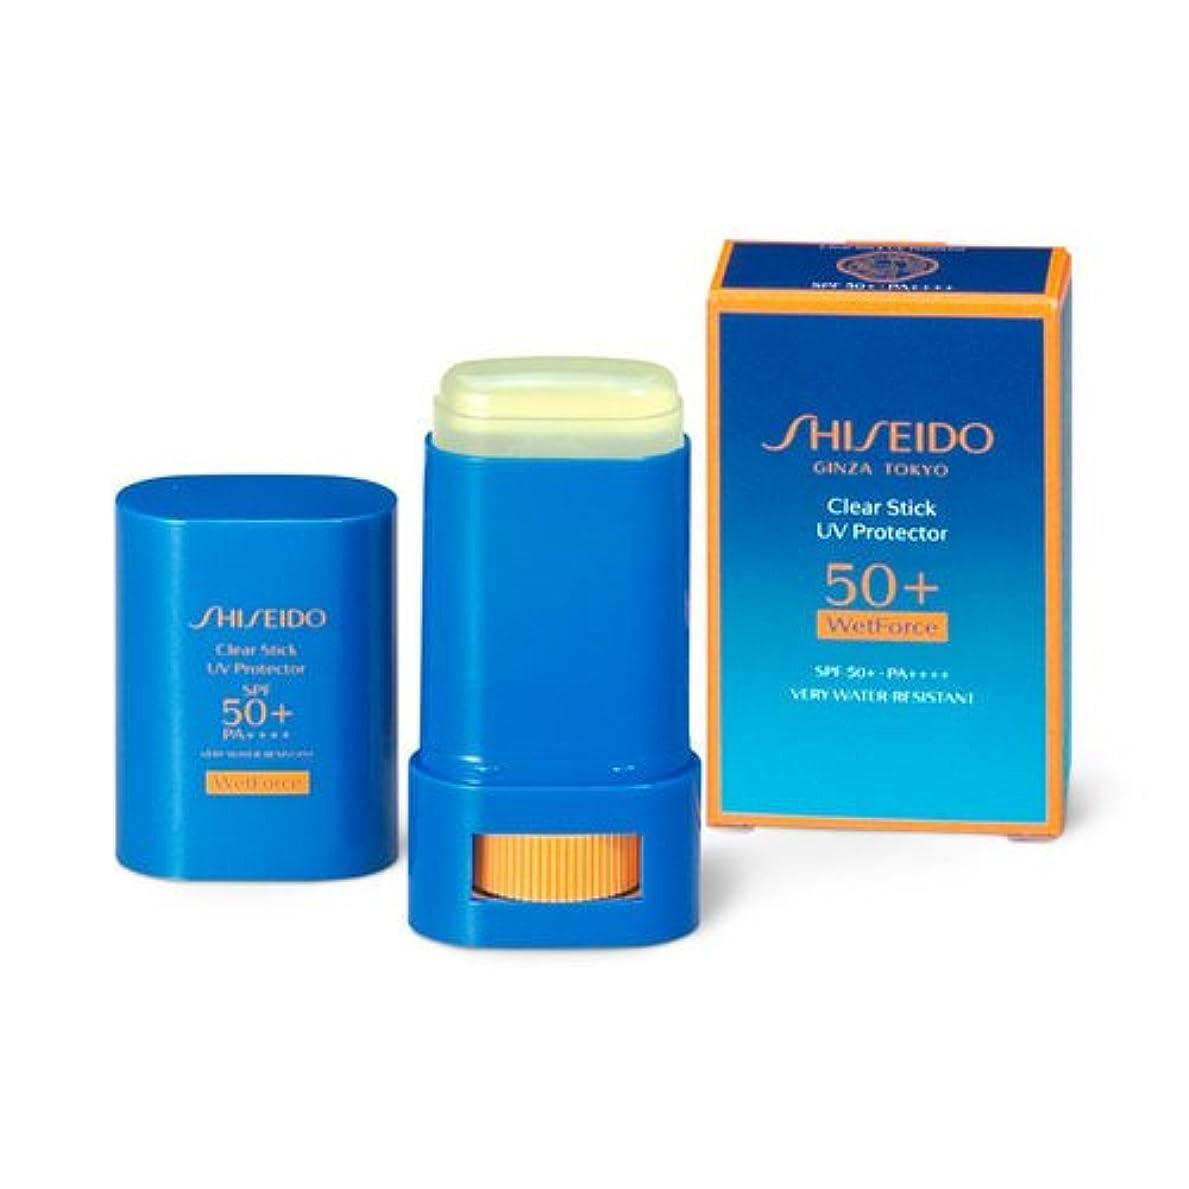 悪性の不道徳インフラSHISEIDO Suncare(資生堂 サンケア) SHISEIDO(資生堂) クリアスティック UVプロテクター 15g